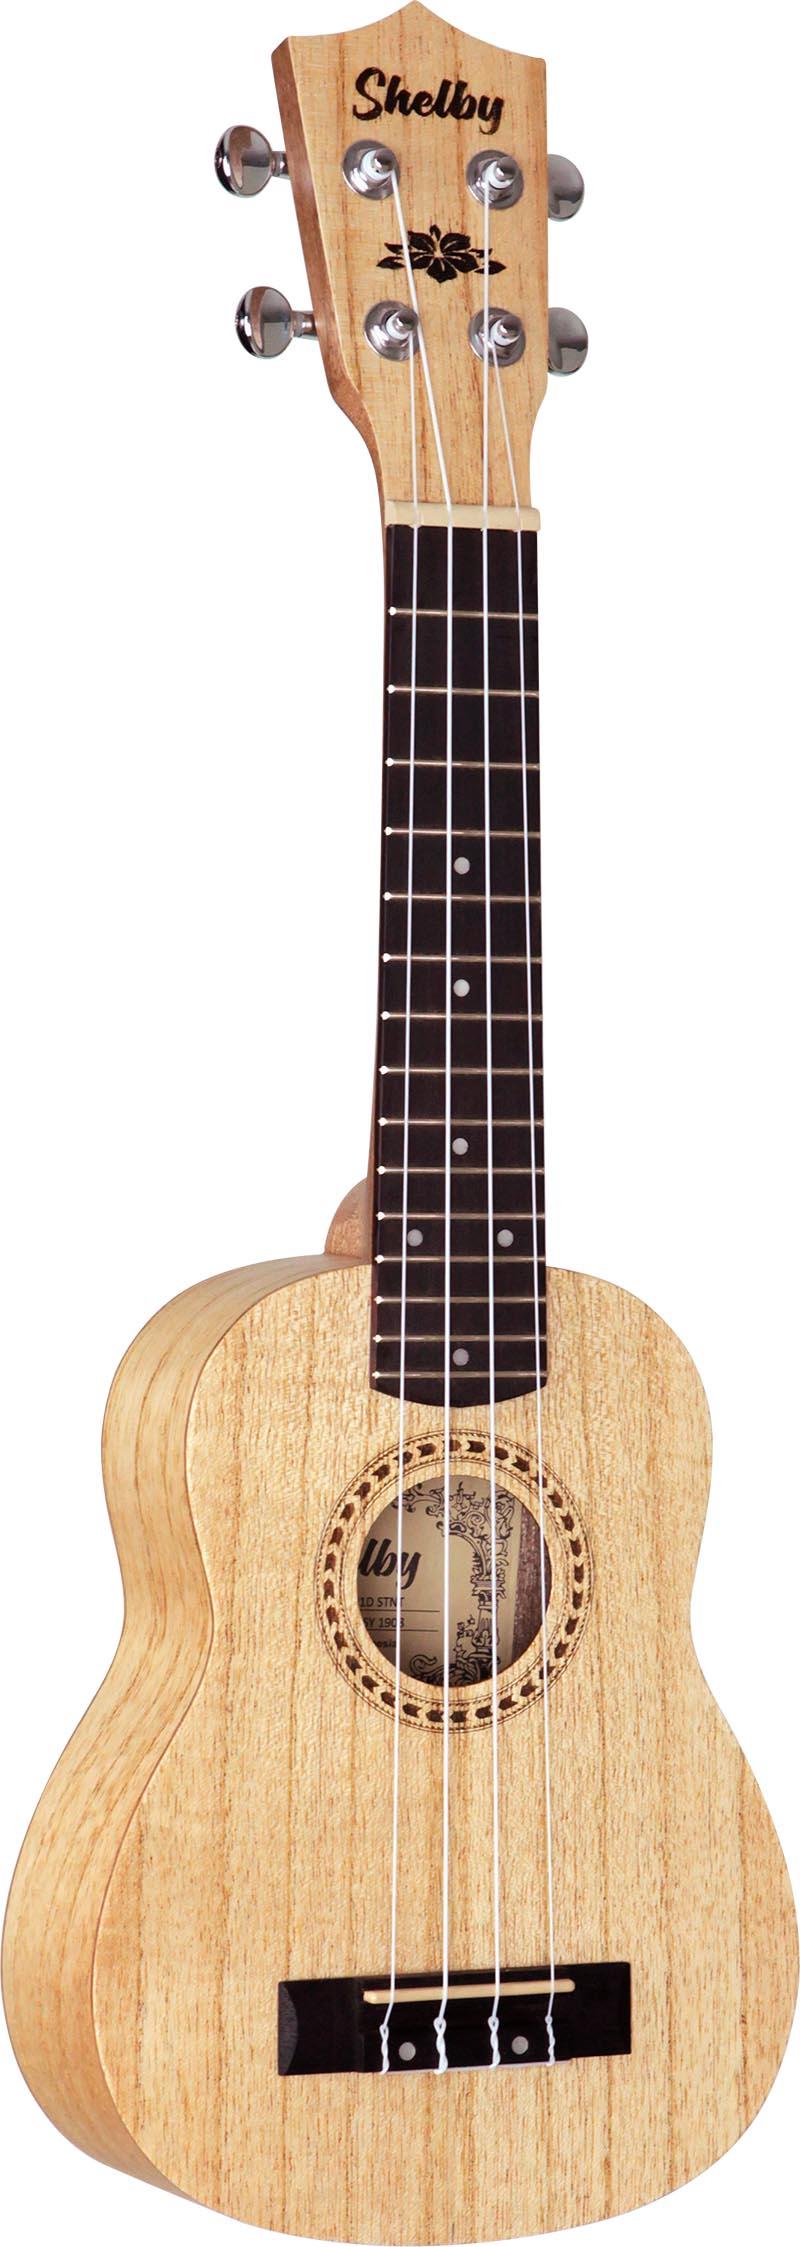 su21d ukulele soprano shelby su21d stnt cedro branco acetinado visao frontal vertical